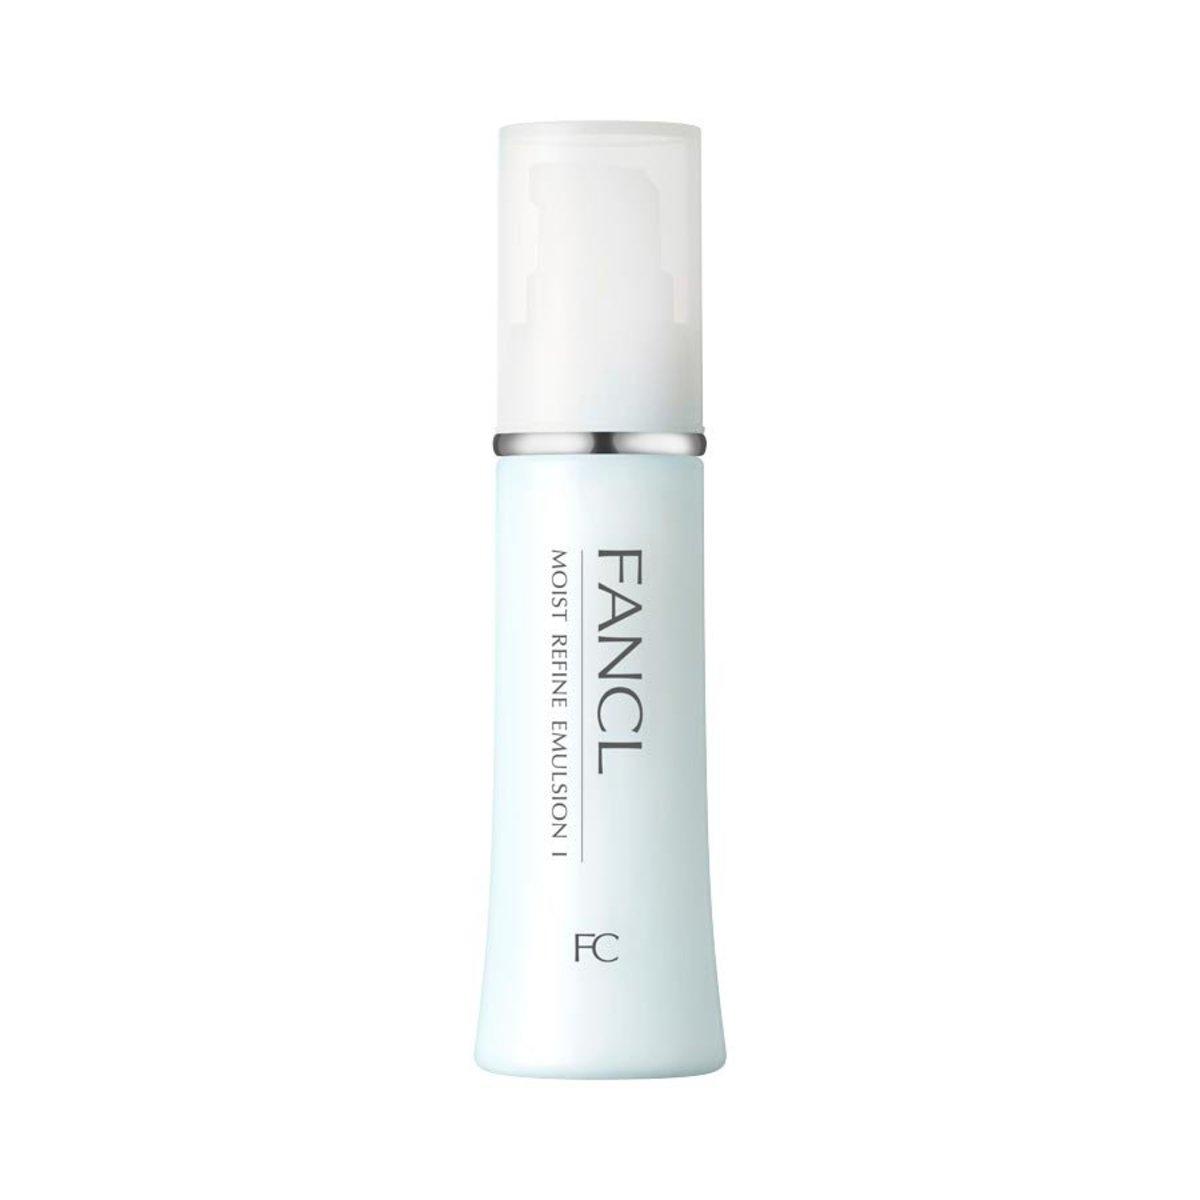 Moist Refine Emulsion I (Light) 30ml